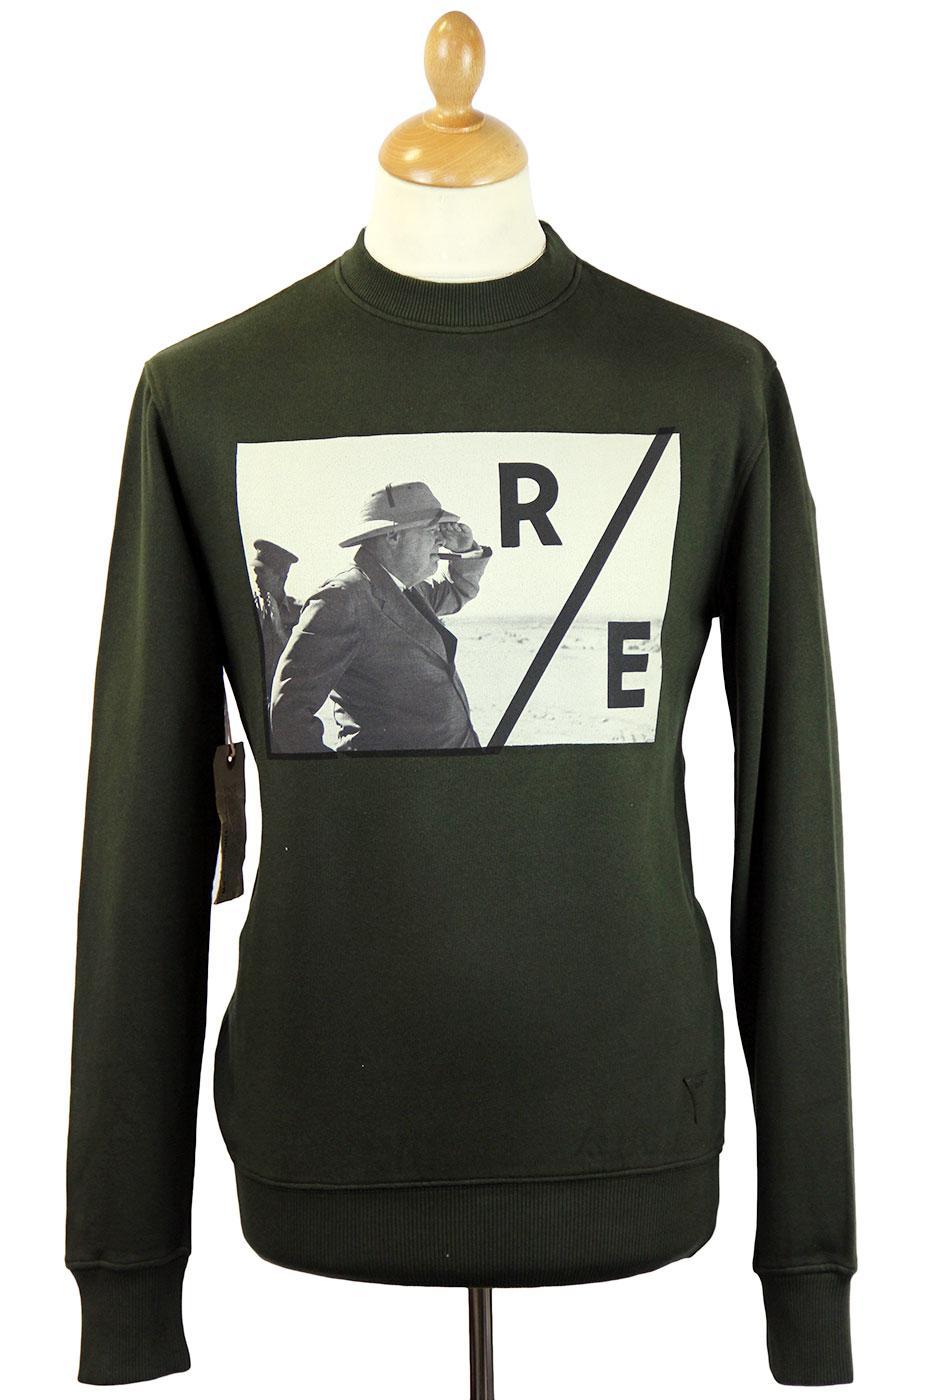 Mr Churchill REALM & EMPIRE Retro Photo Sweater